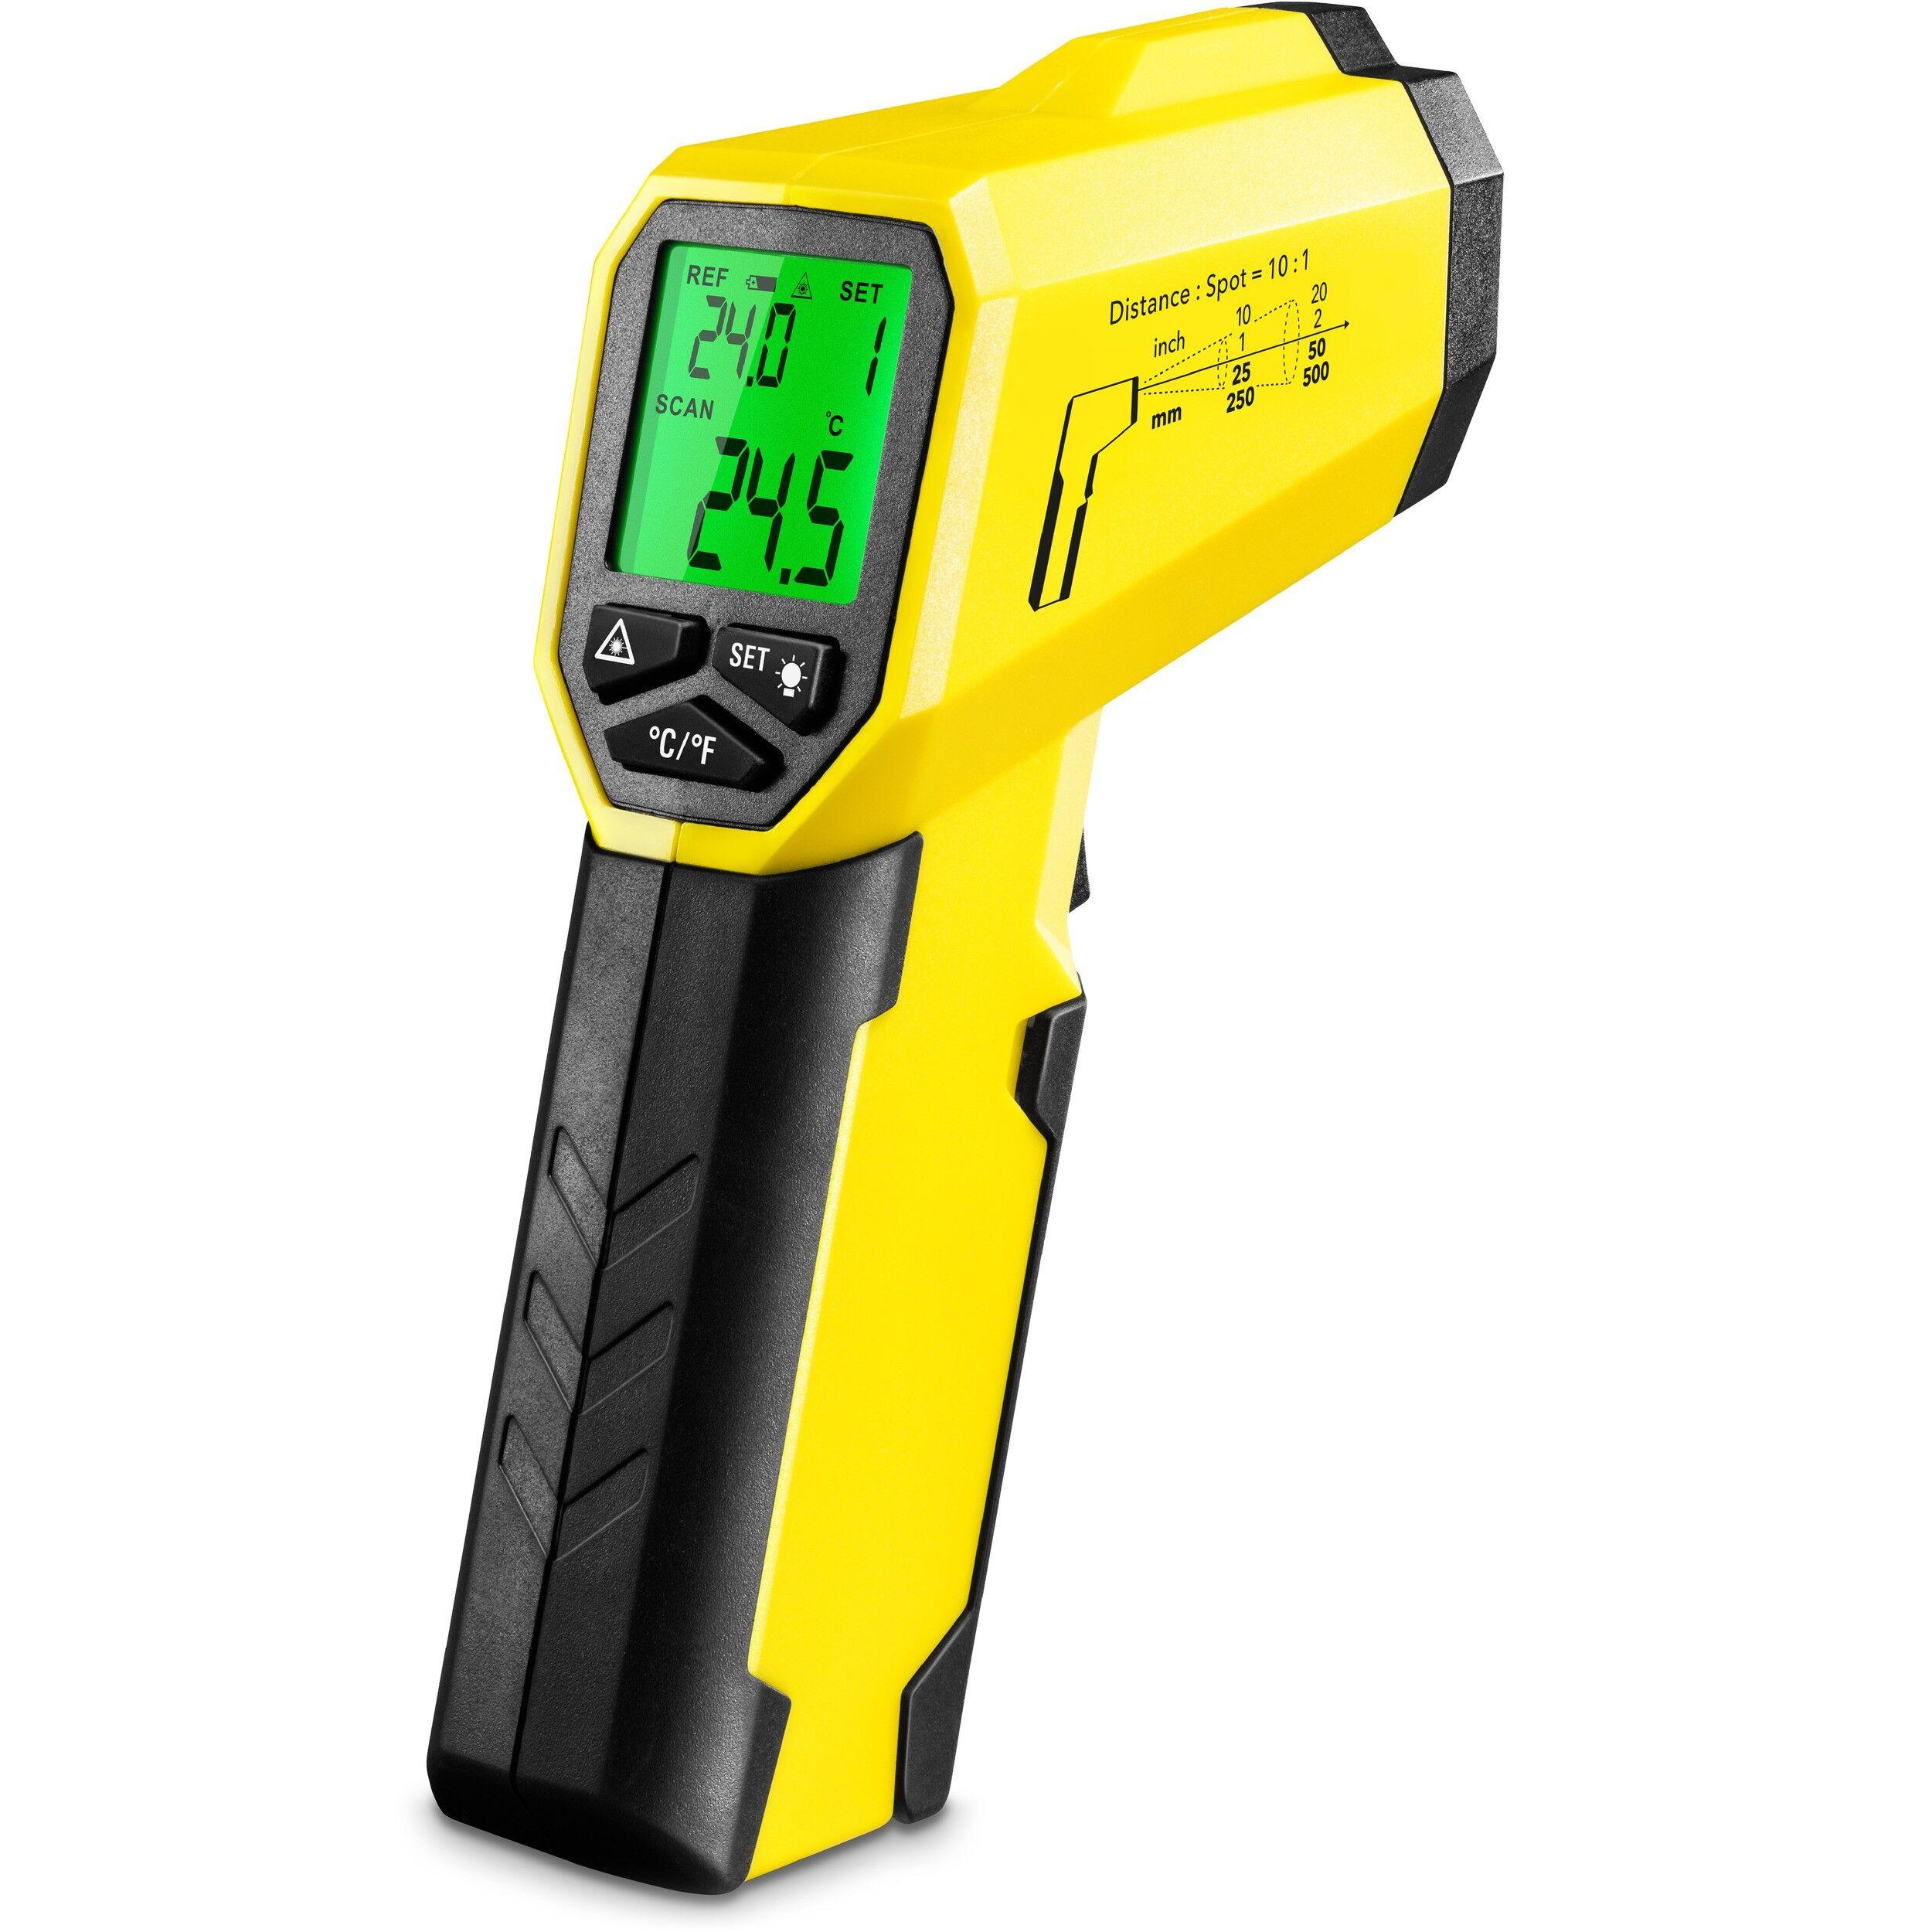 Trotec Termometro a infrarossi / Pirometro BP17